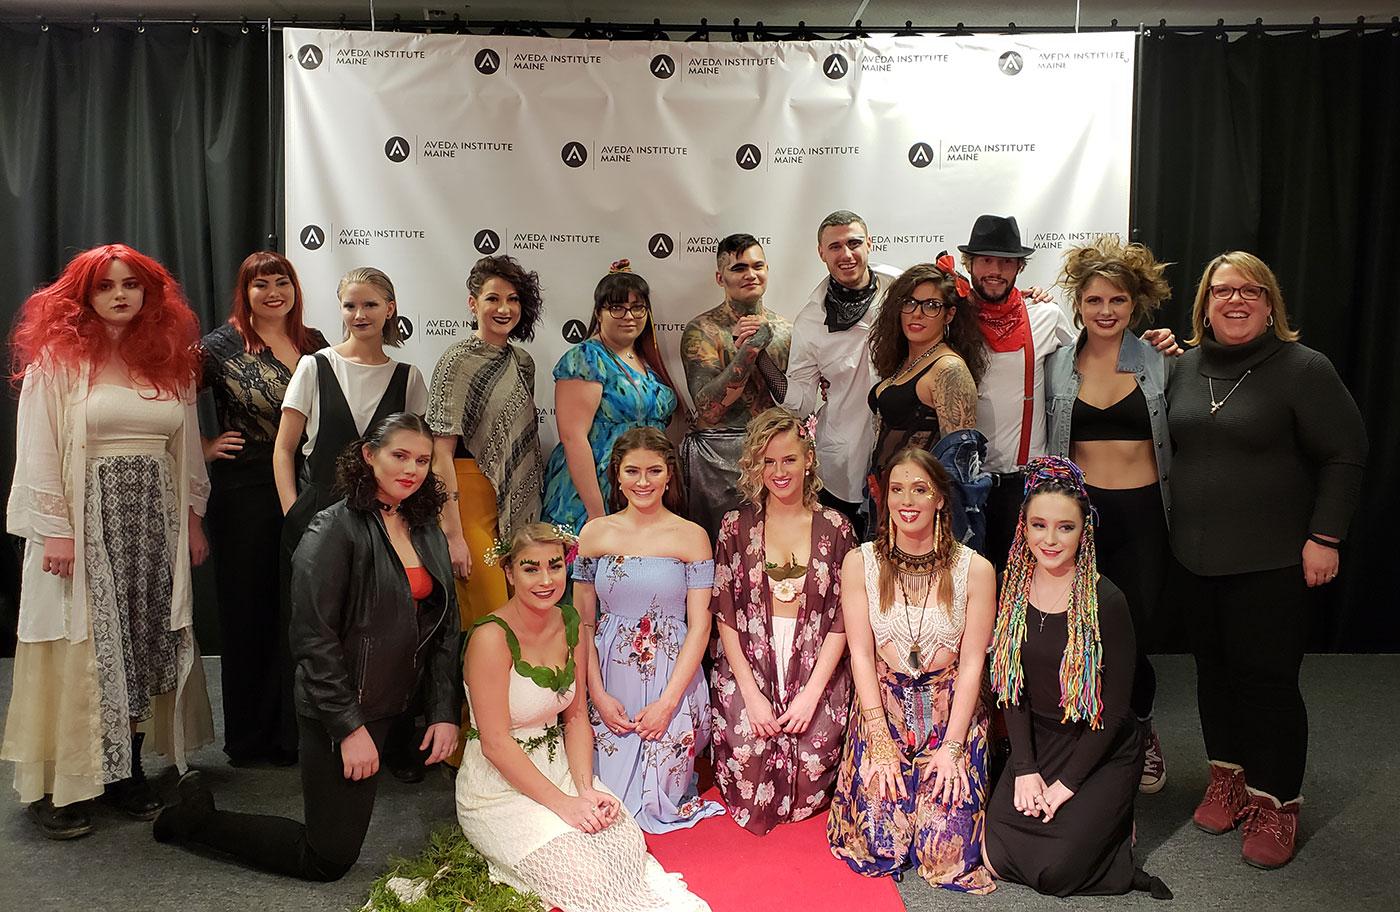 Aveda Institute fashion show 2018